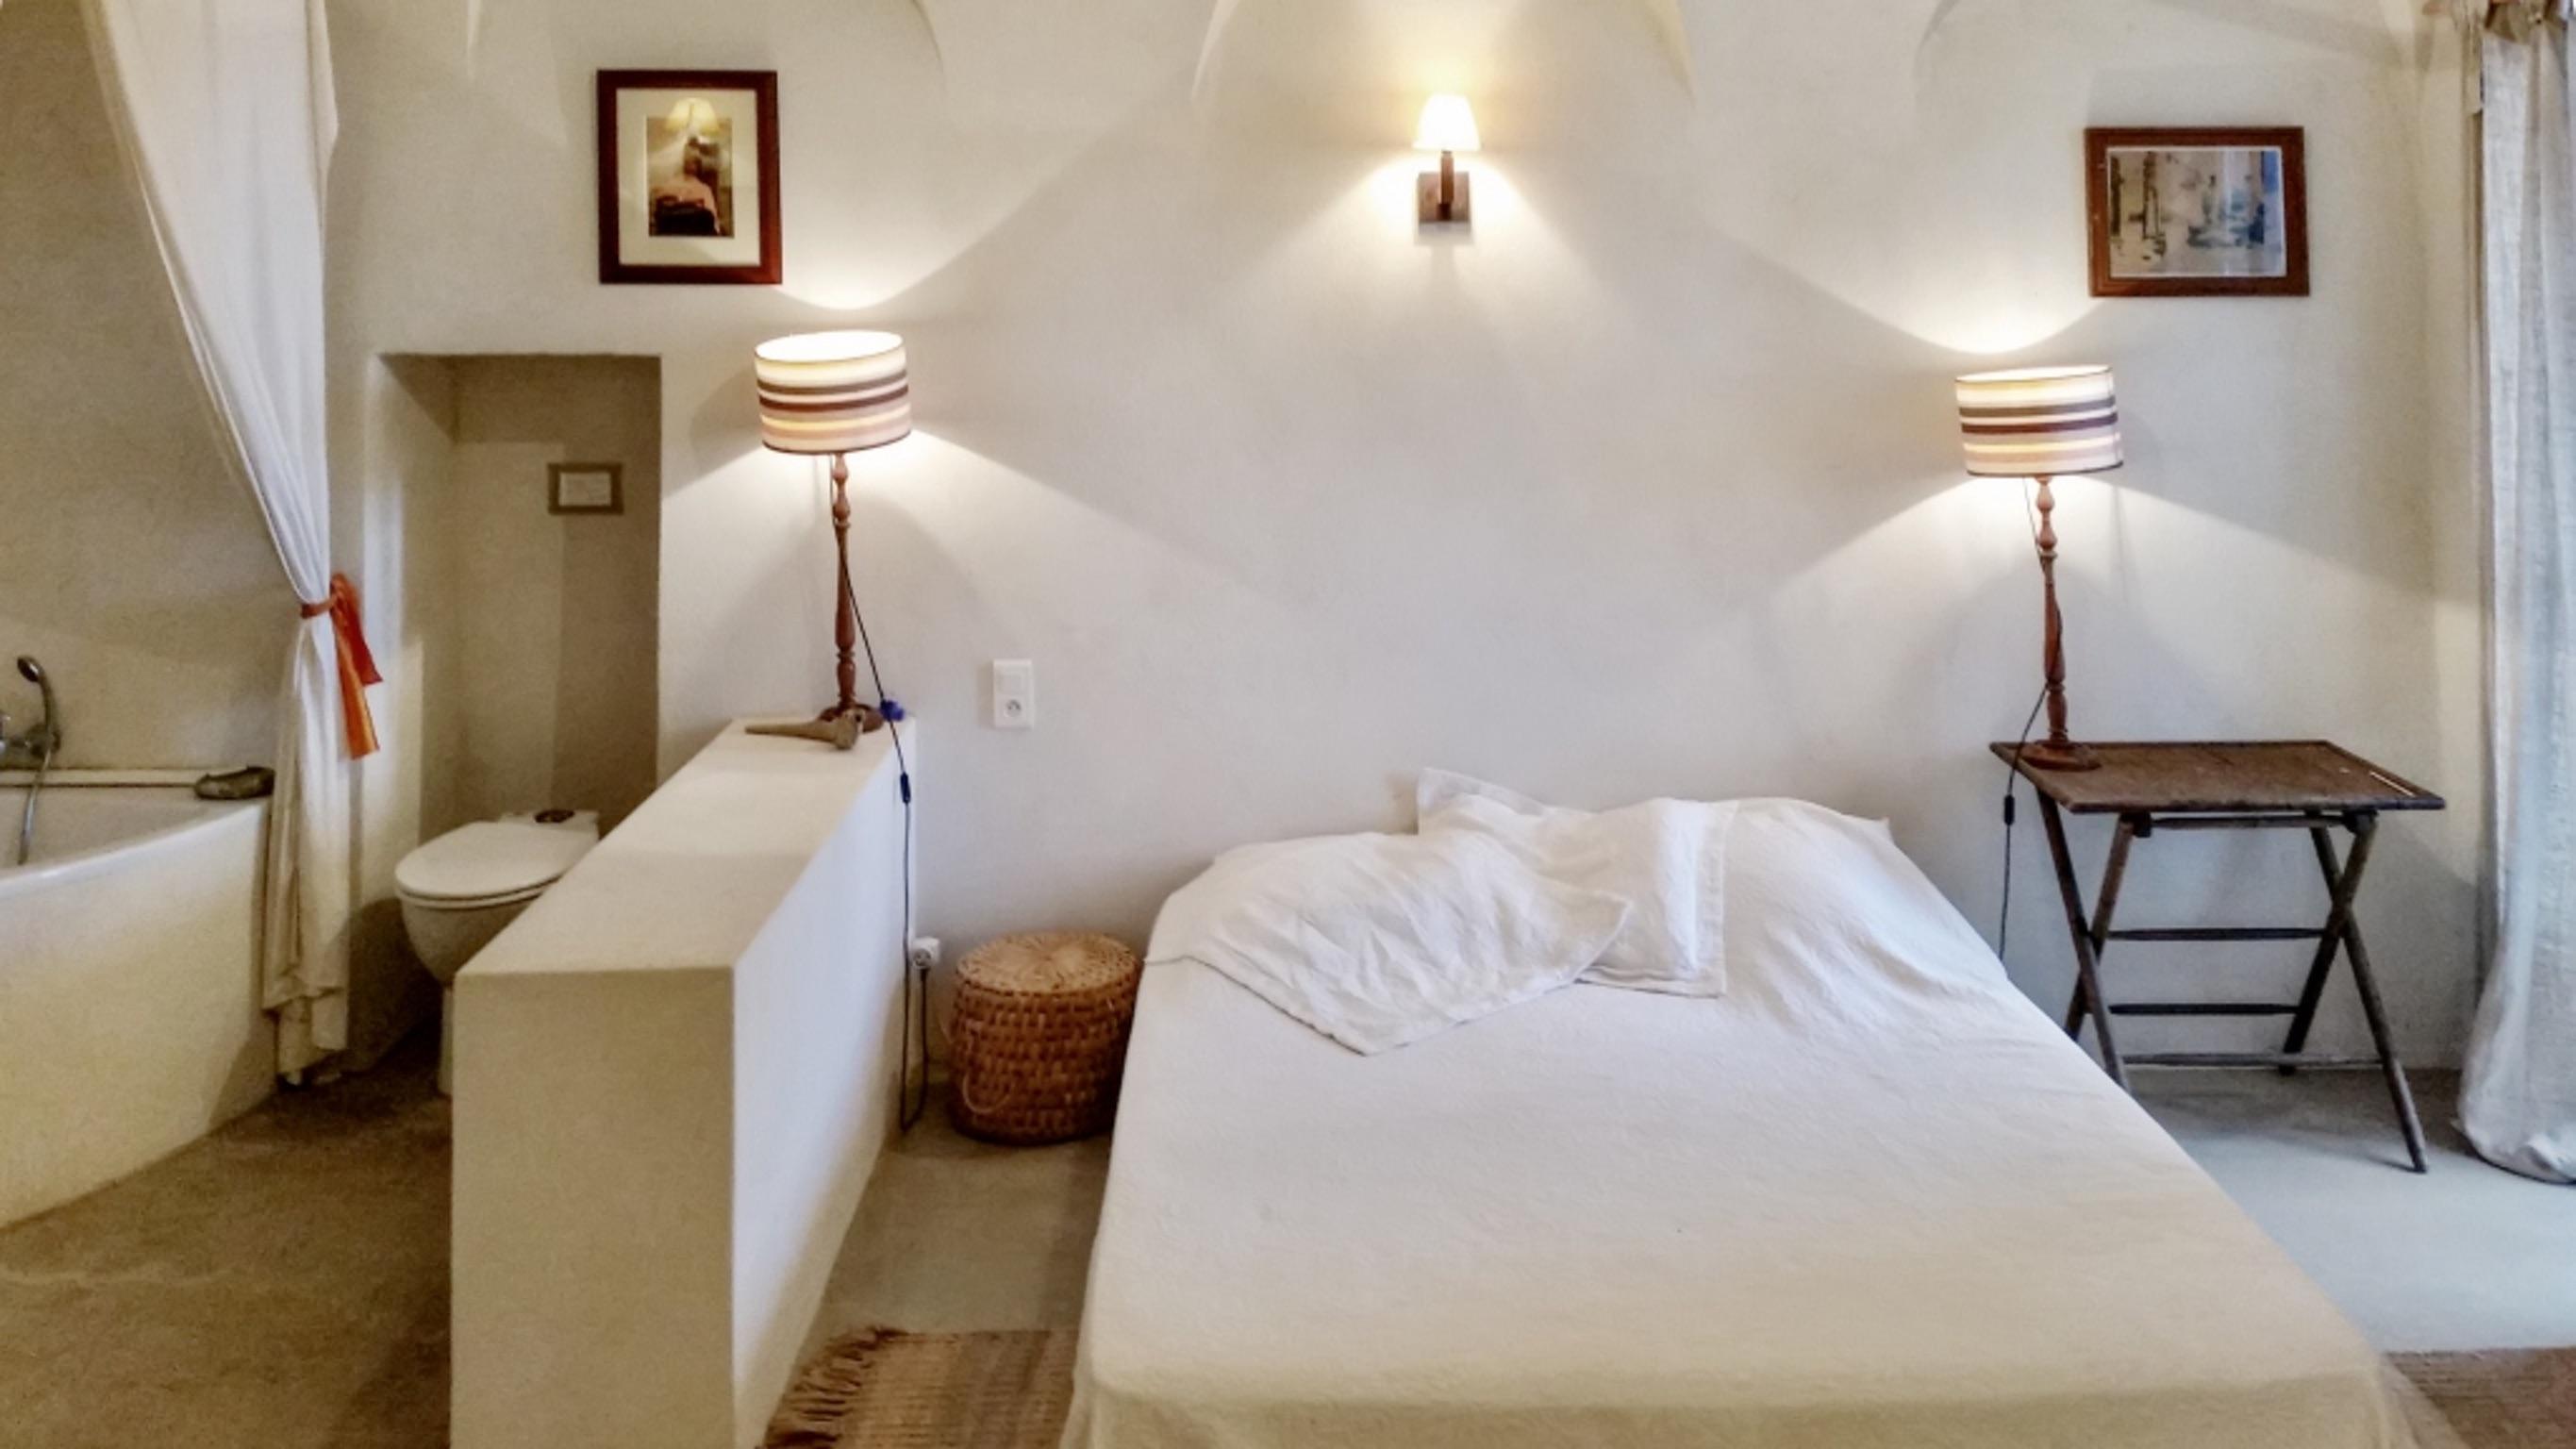 Ferienhaus Herrliches Haus mit neun Schlafzimmern und grandiosem Blick aufs Meer im hübschen Dörfchen (2202571), Centuri, Nordkorsika, Korsika, Frankreich, Bild 22